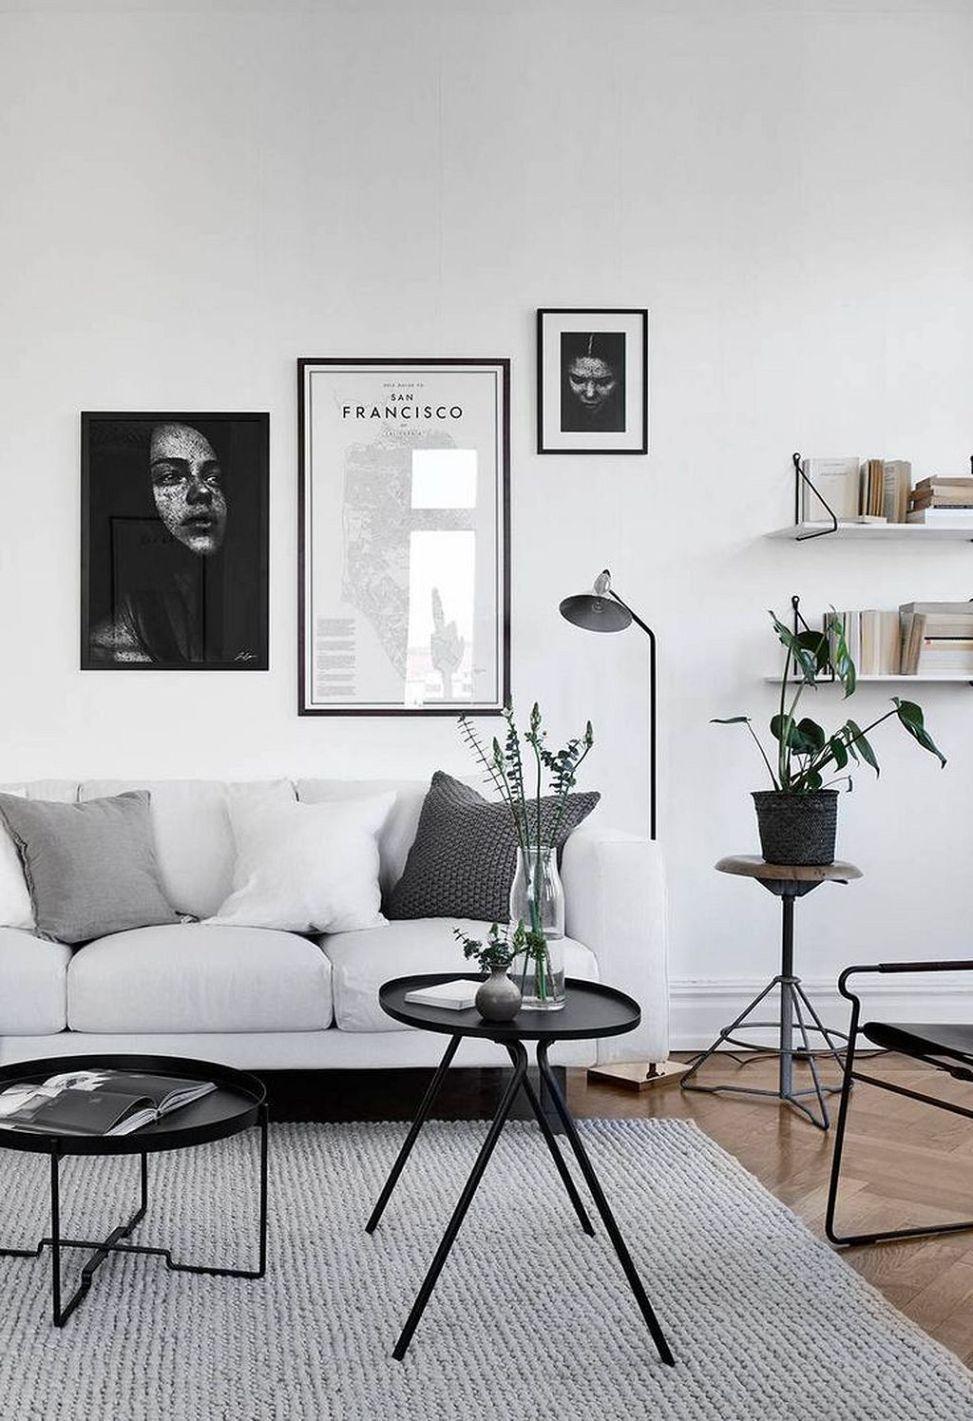 Modern Scandinavian Living Room Inspiration 38 Minimalist Living Room Decor Living Room Scandinavian Minimalist Living Room Design